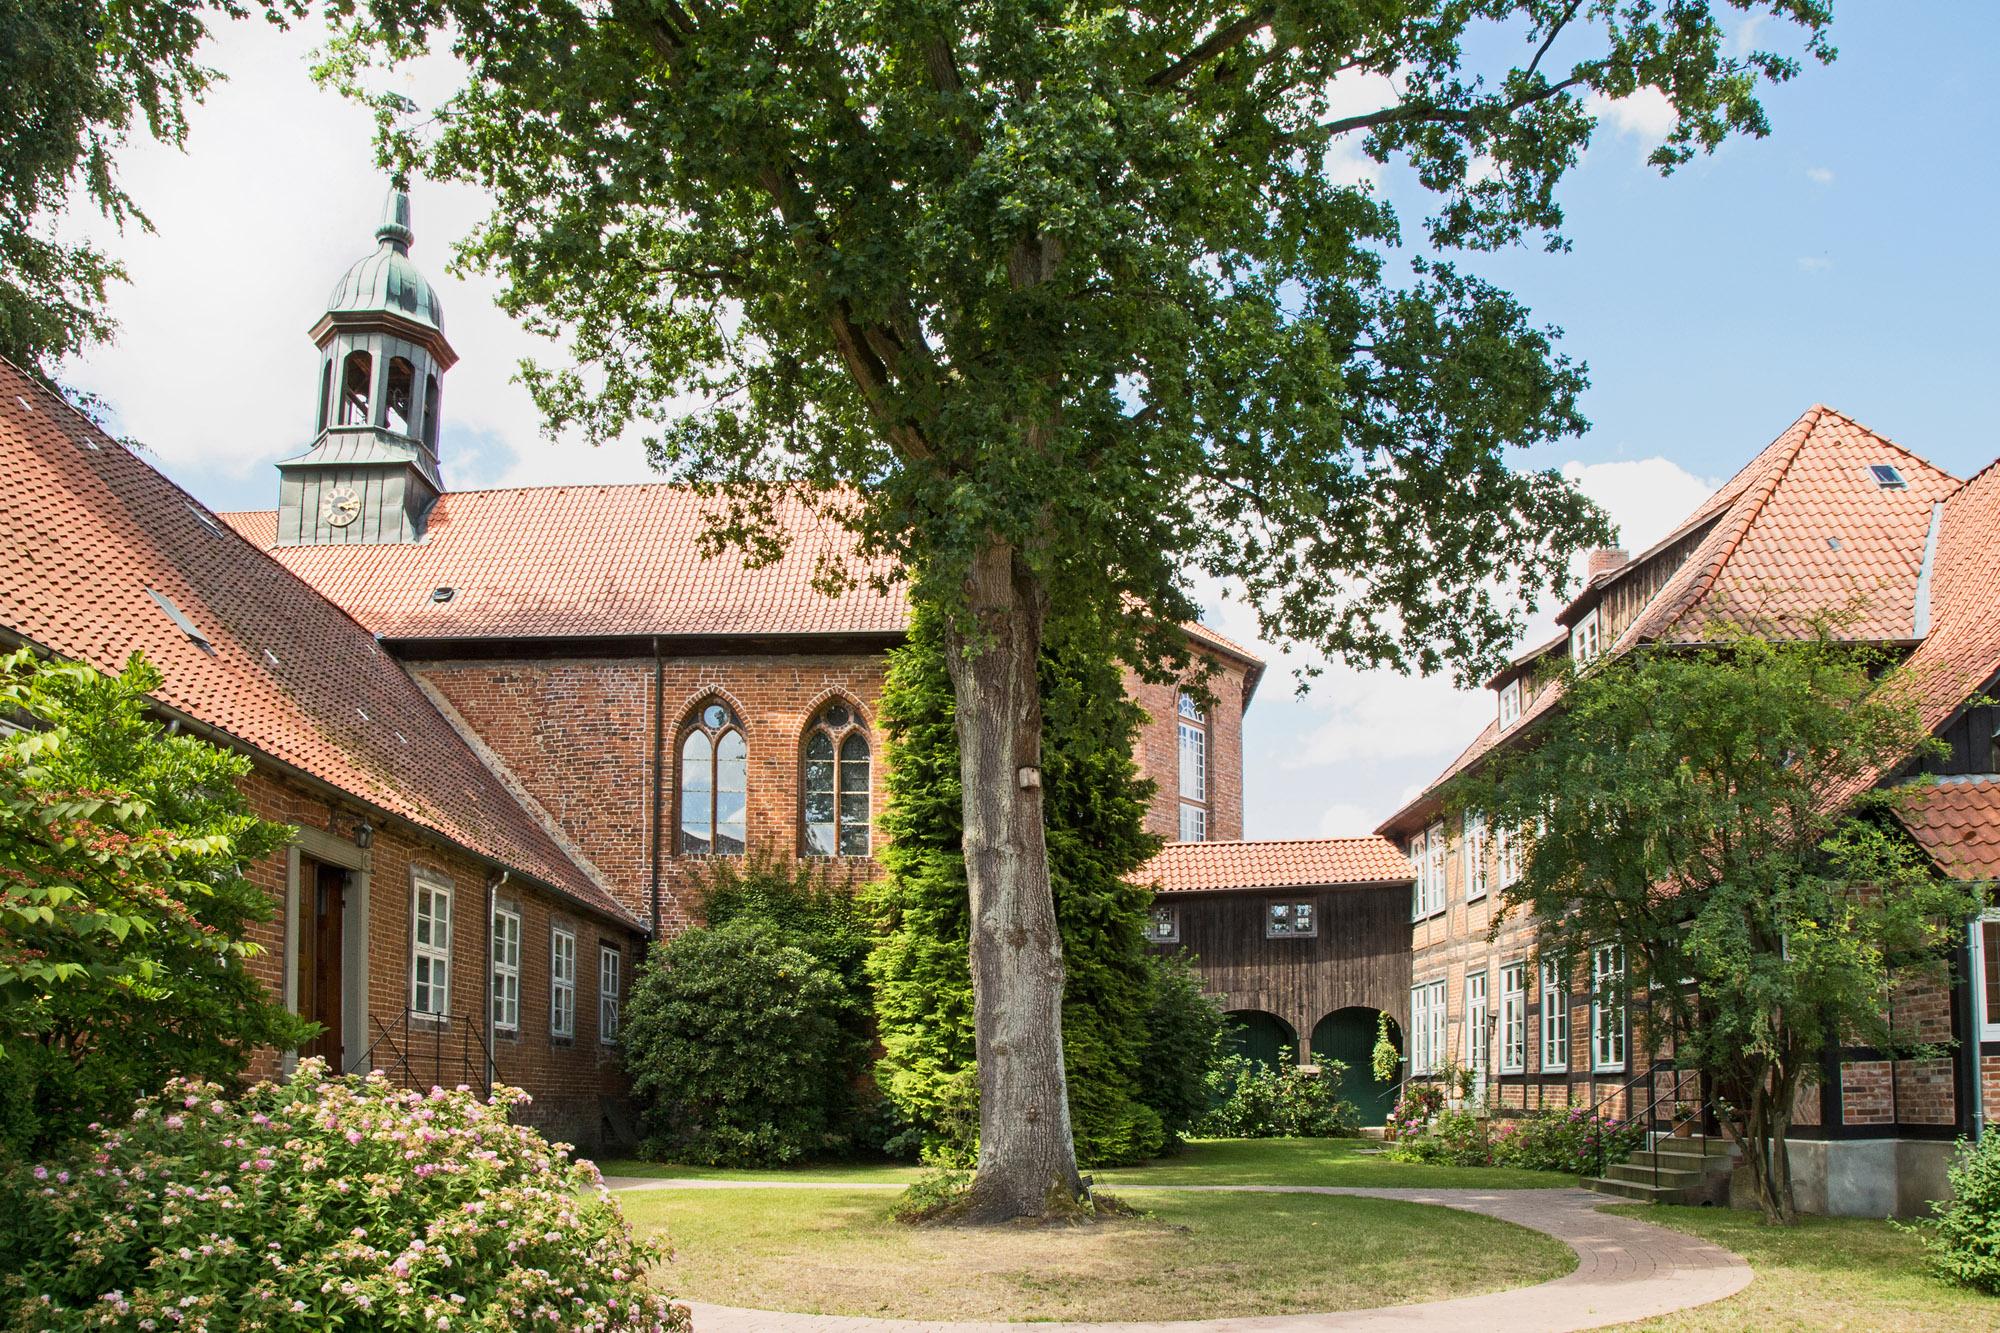 Kloster Walsrode © Barbara Boenecke-Siemers